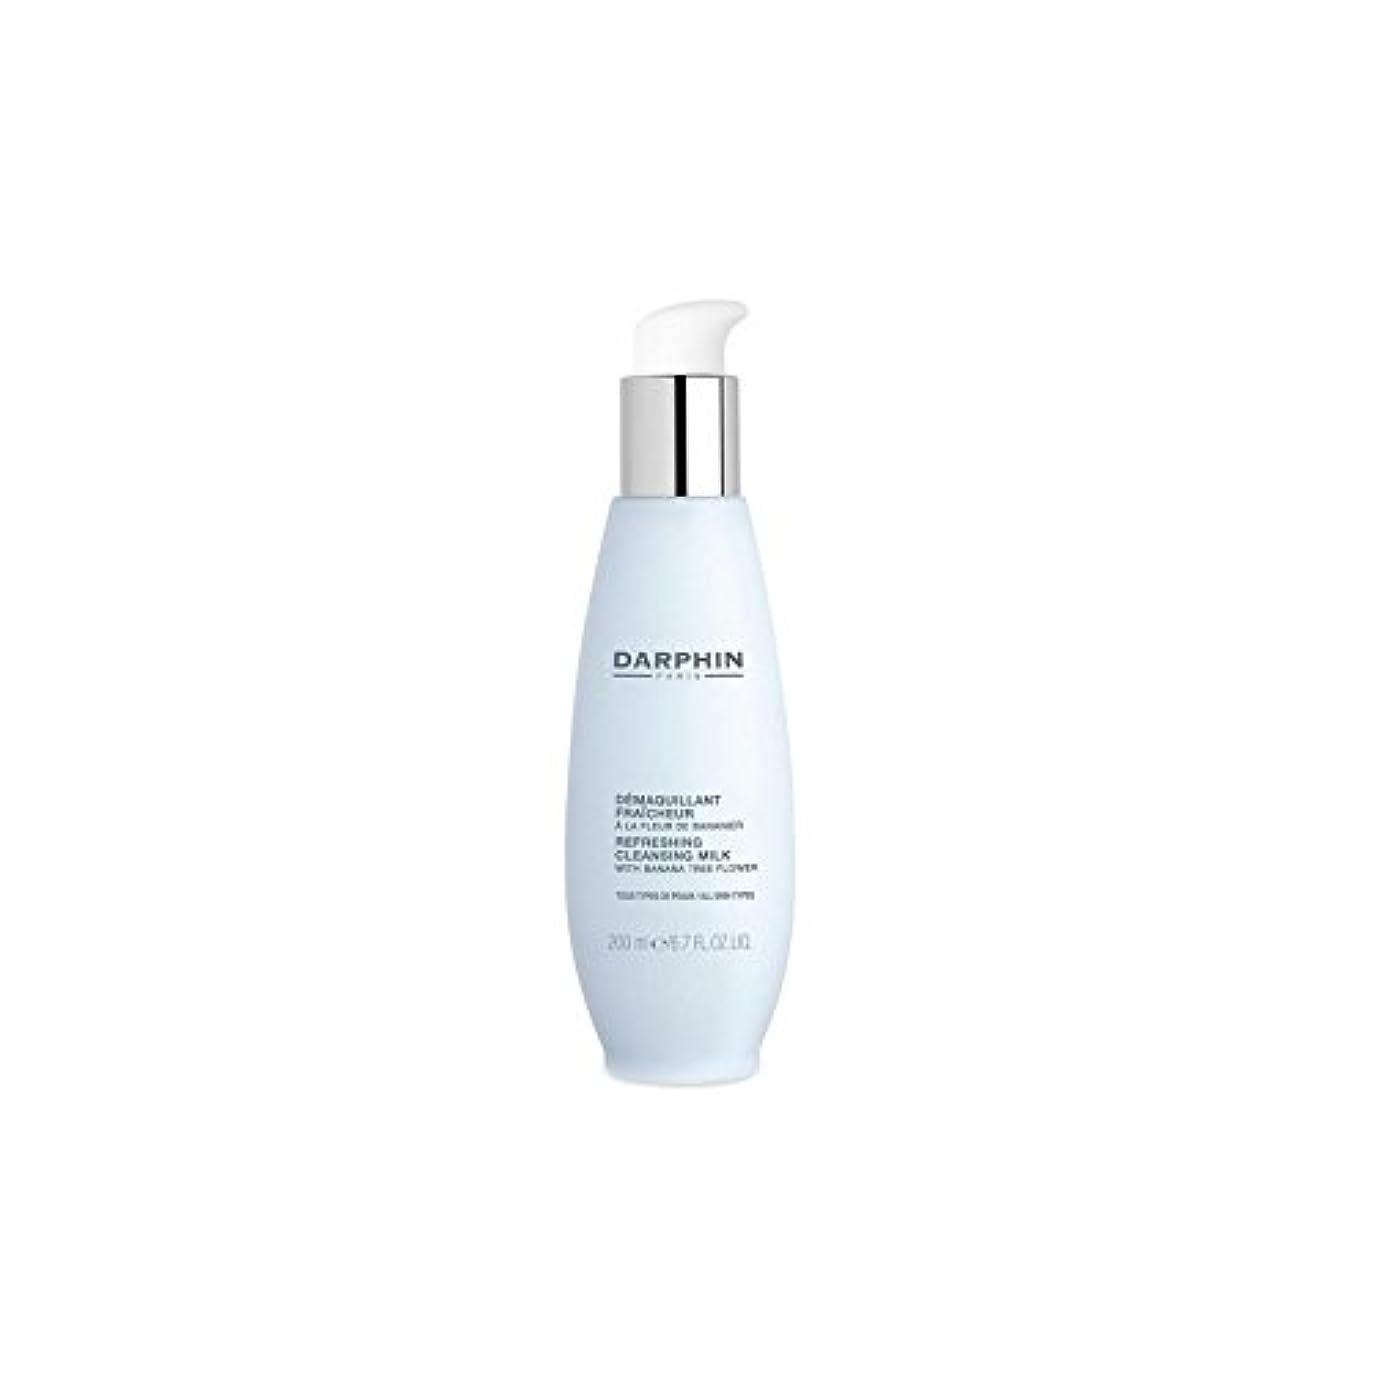 敬意を表するオーストラリア人損なうさわやかなクレンジングミルクをダルファン - 正常な皮膚のために(200ミリリットル) x2 - Darphin Refreshing Cleansing Milk - For Normal Skin (200ml) (...